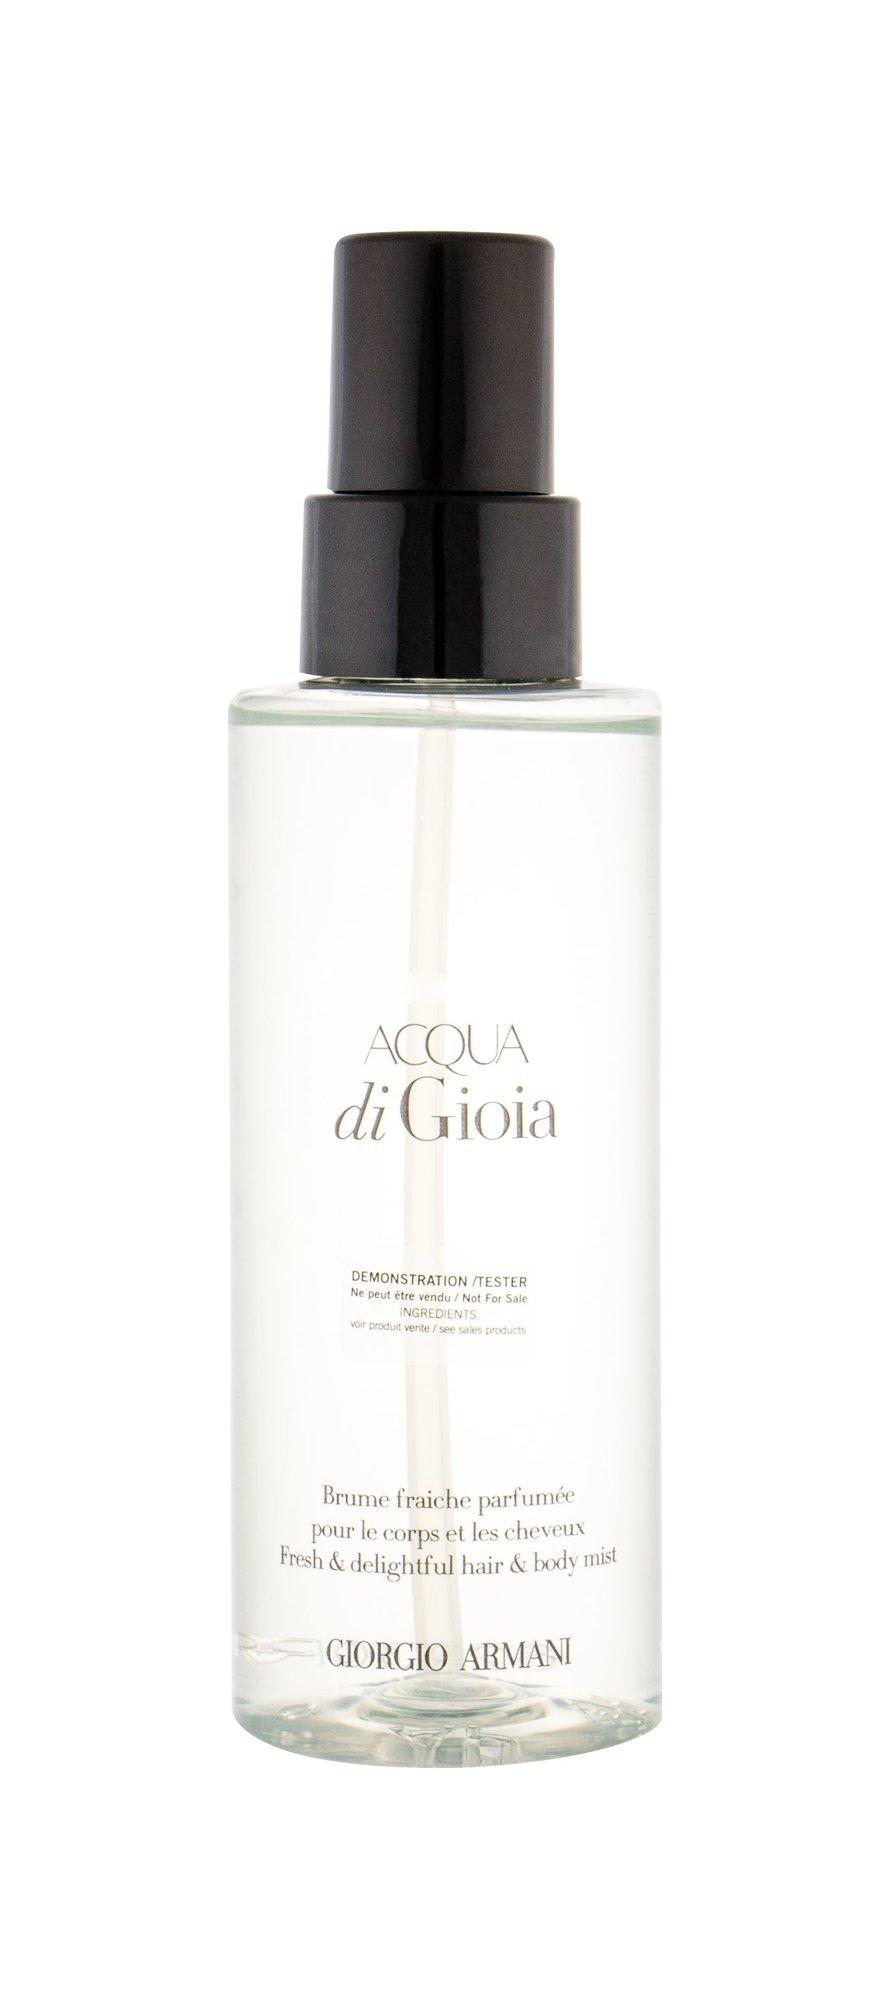 Giorgio Armani Acqua di Gioia Body Veil 140ml